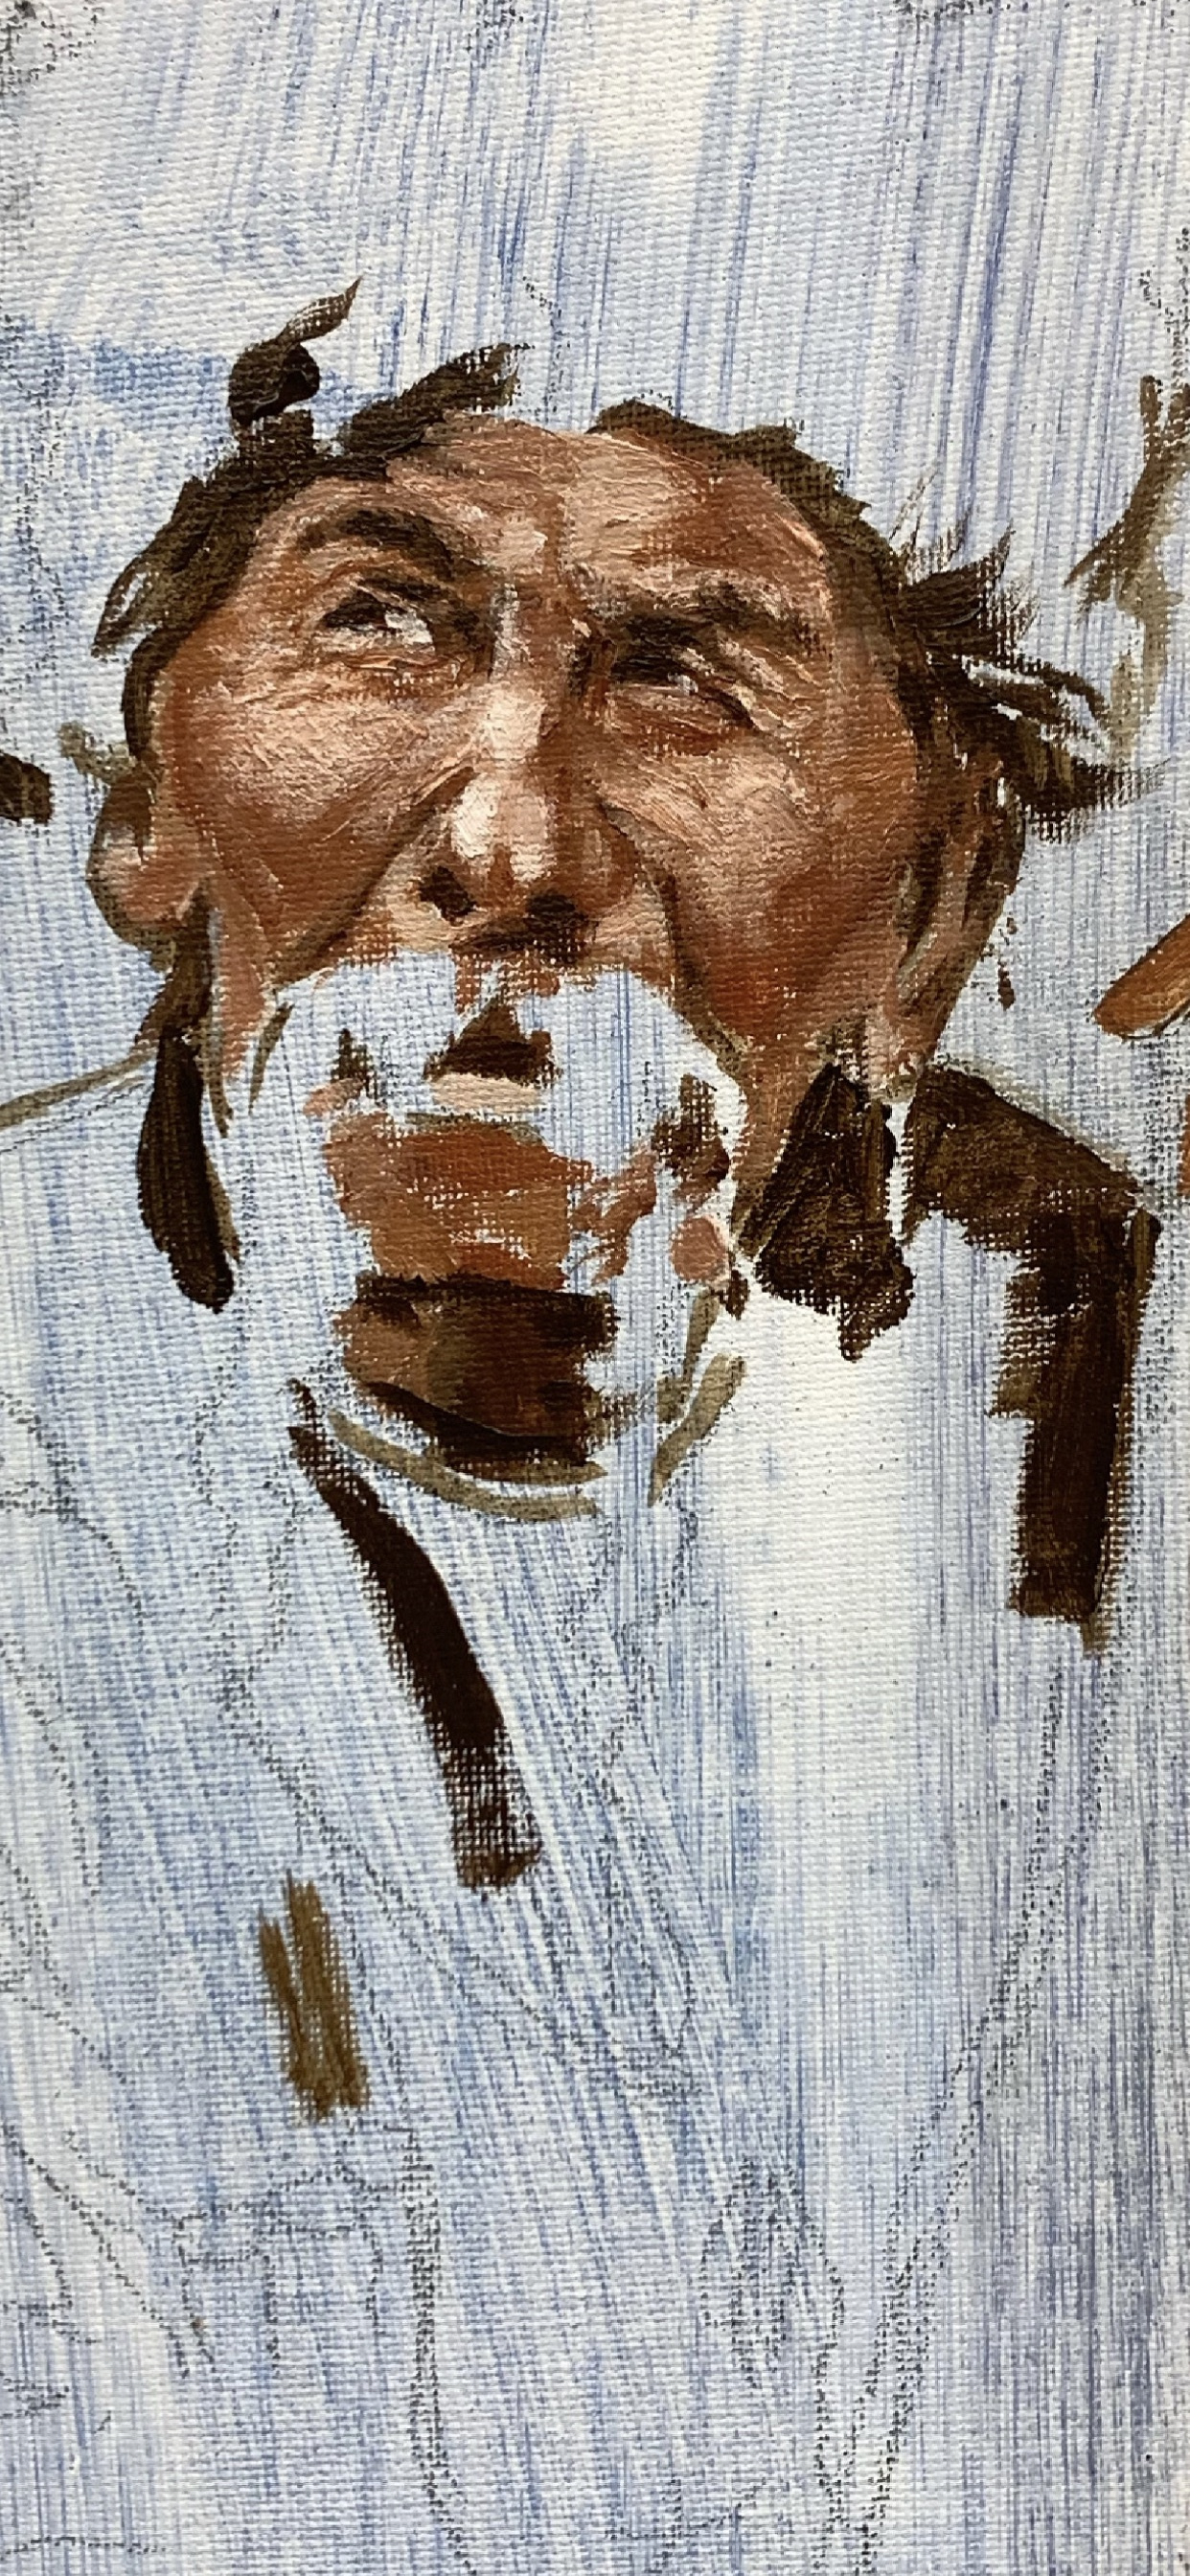 Sean McGraw. Cossack